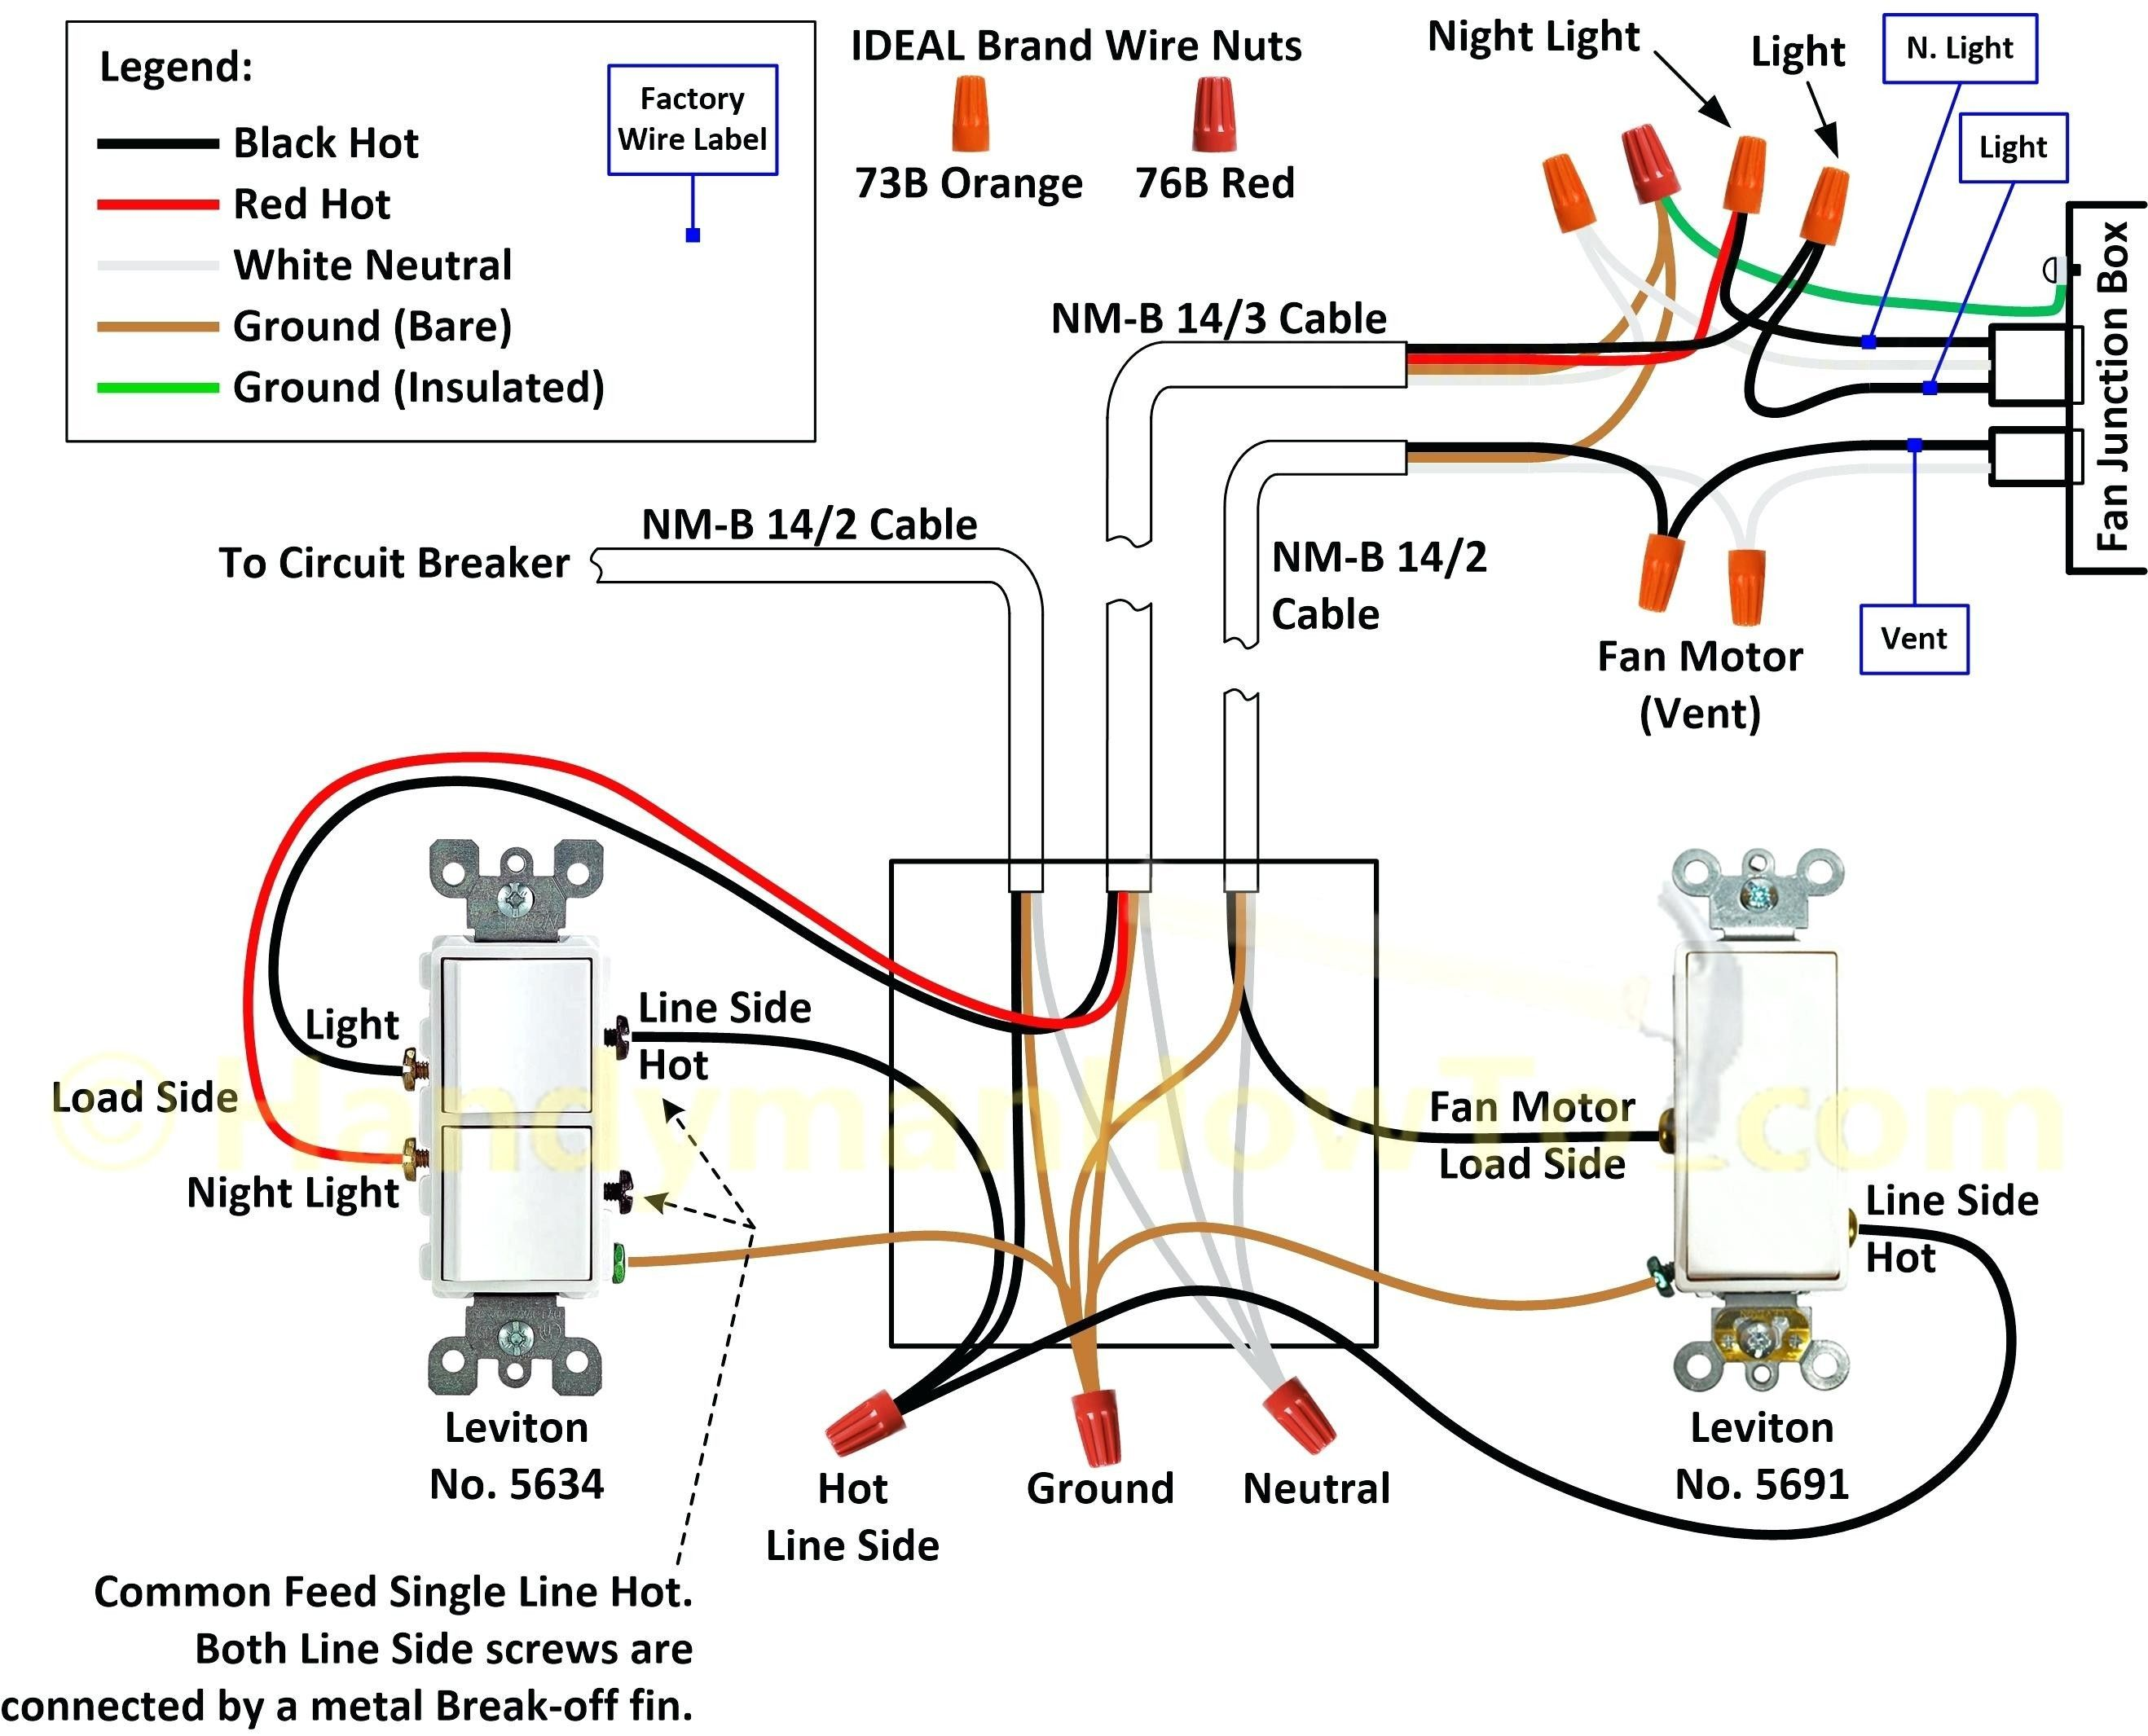 Elegant Wiring Diagram Nz Diagrams Digramssample Diagramimages Wiringdiagramsample Wiringdiagram Check Ceiling Fan Wiring Bathroom Fan Light Switch Wiring